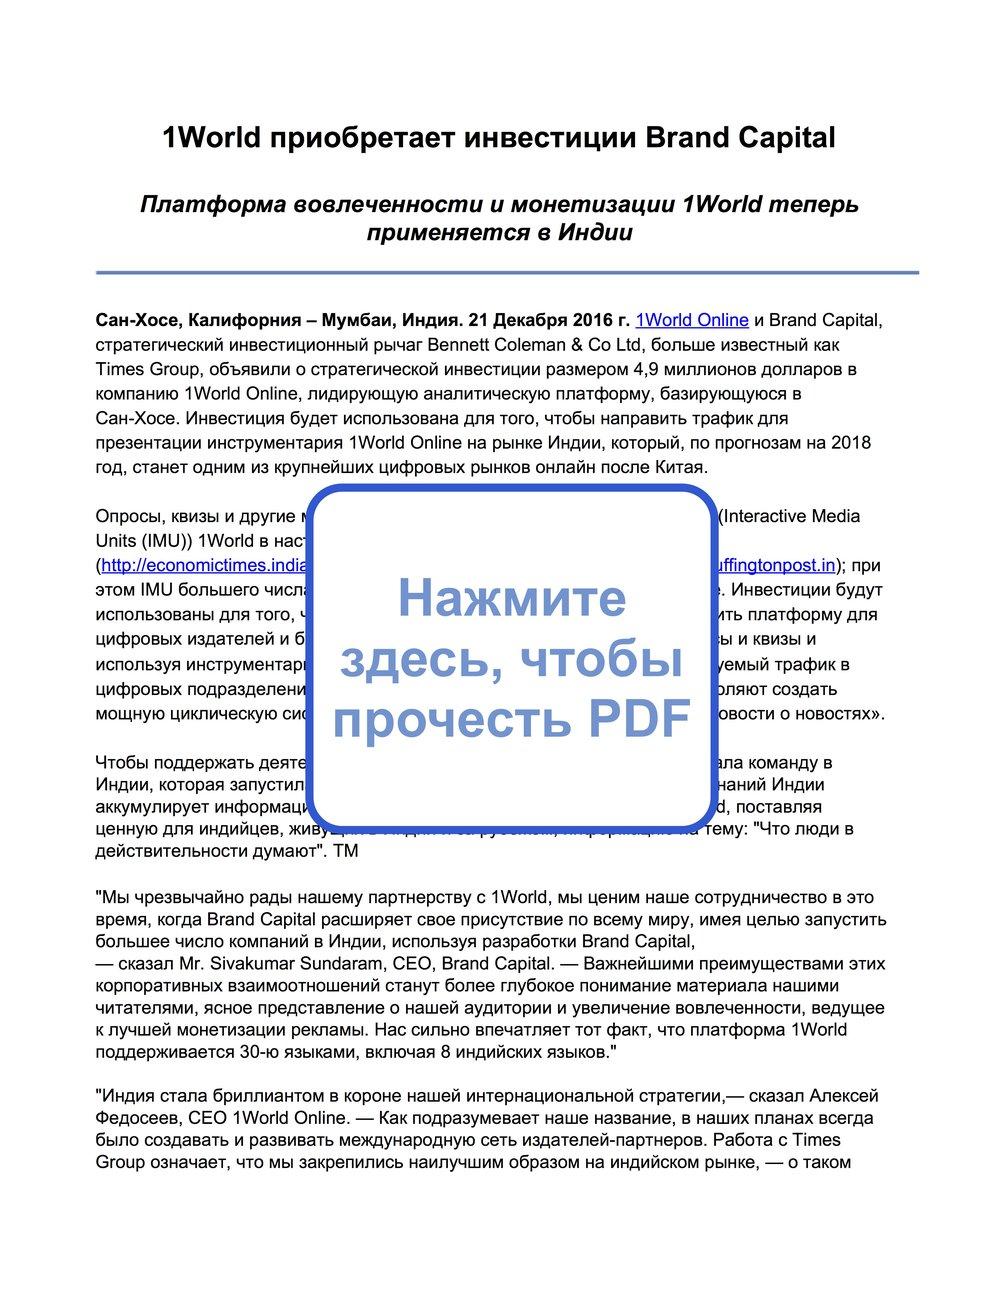 TOI - squarespace pdf.jpg